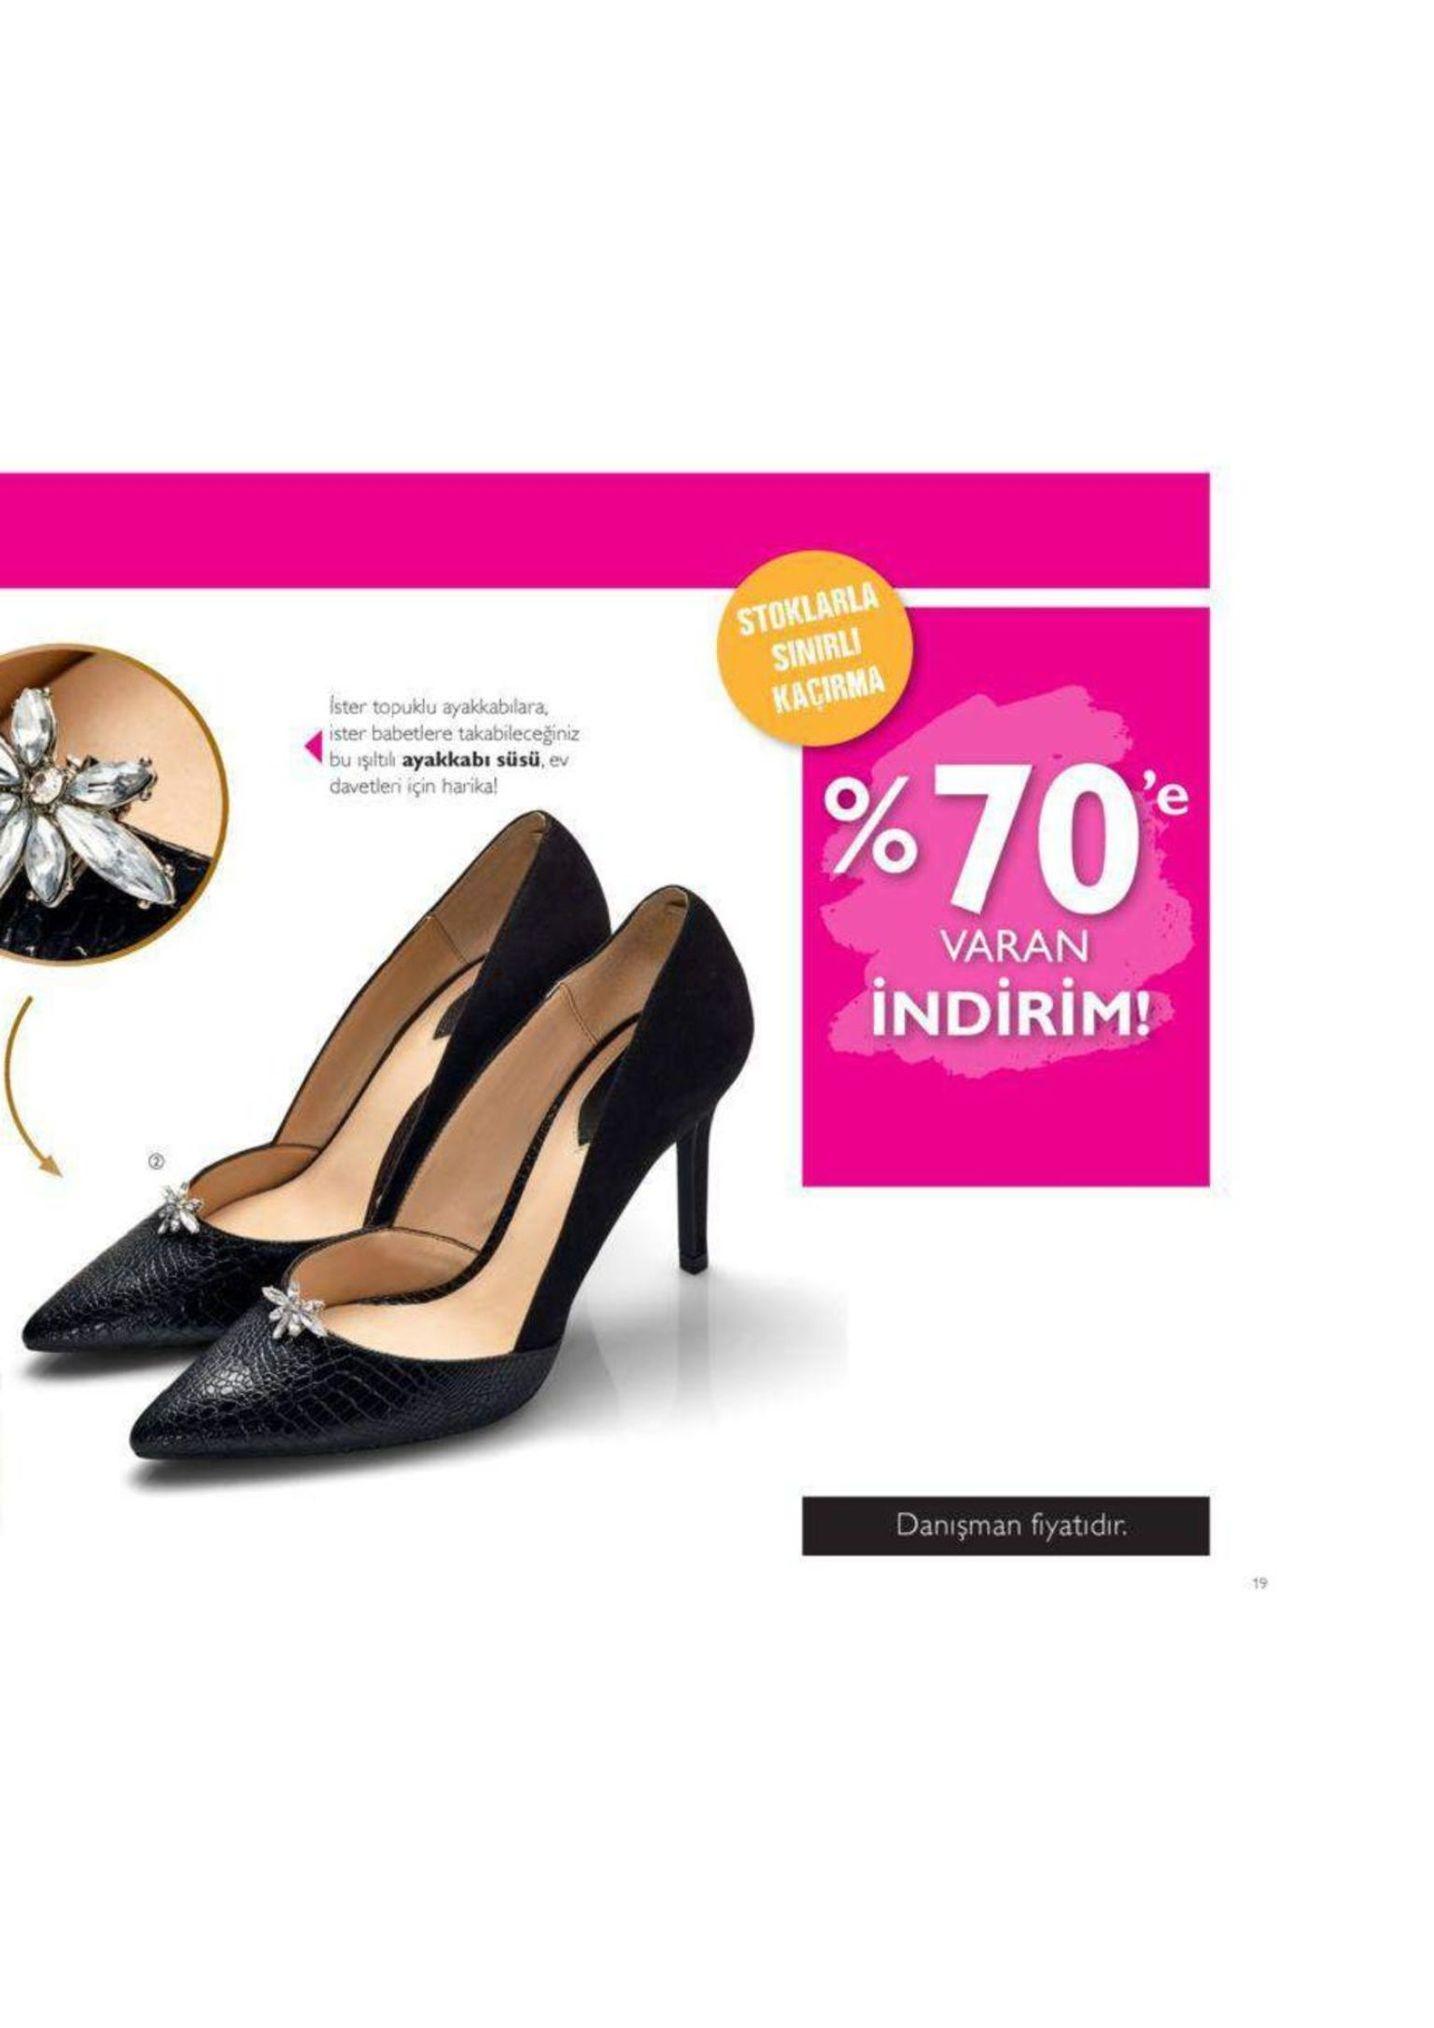 stoklarla sinirli kacirma lster topuklu ayakkabılara ister babetlere takabileceğiniz bu işltl ayakkabı süsü, ev davetlen için harika! %70 varan indirim! anişman fiyatidir 19